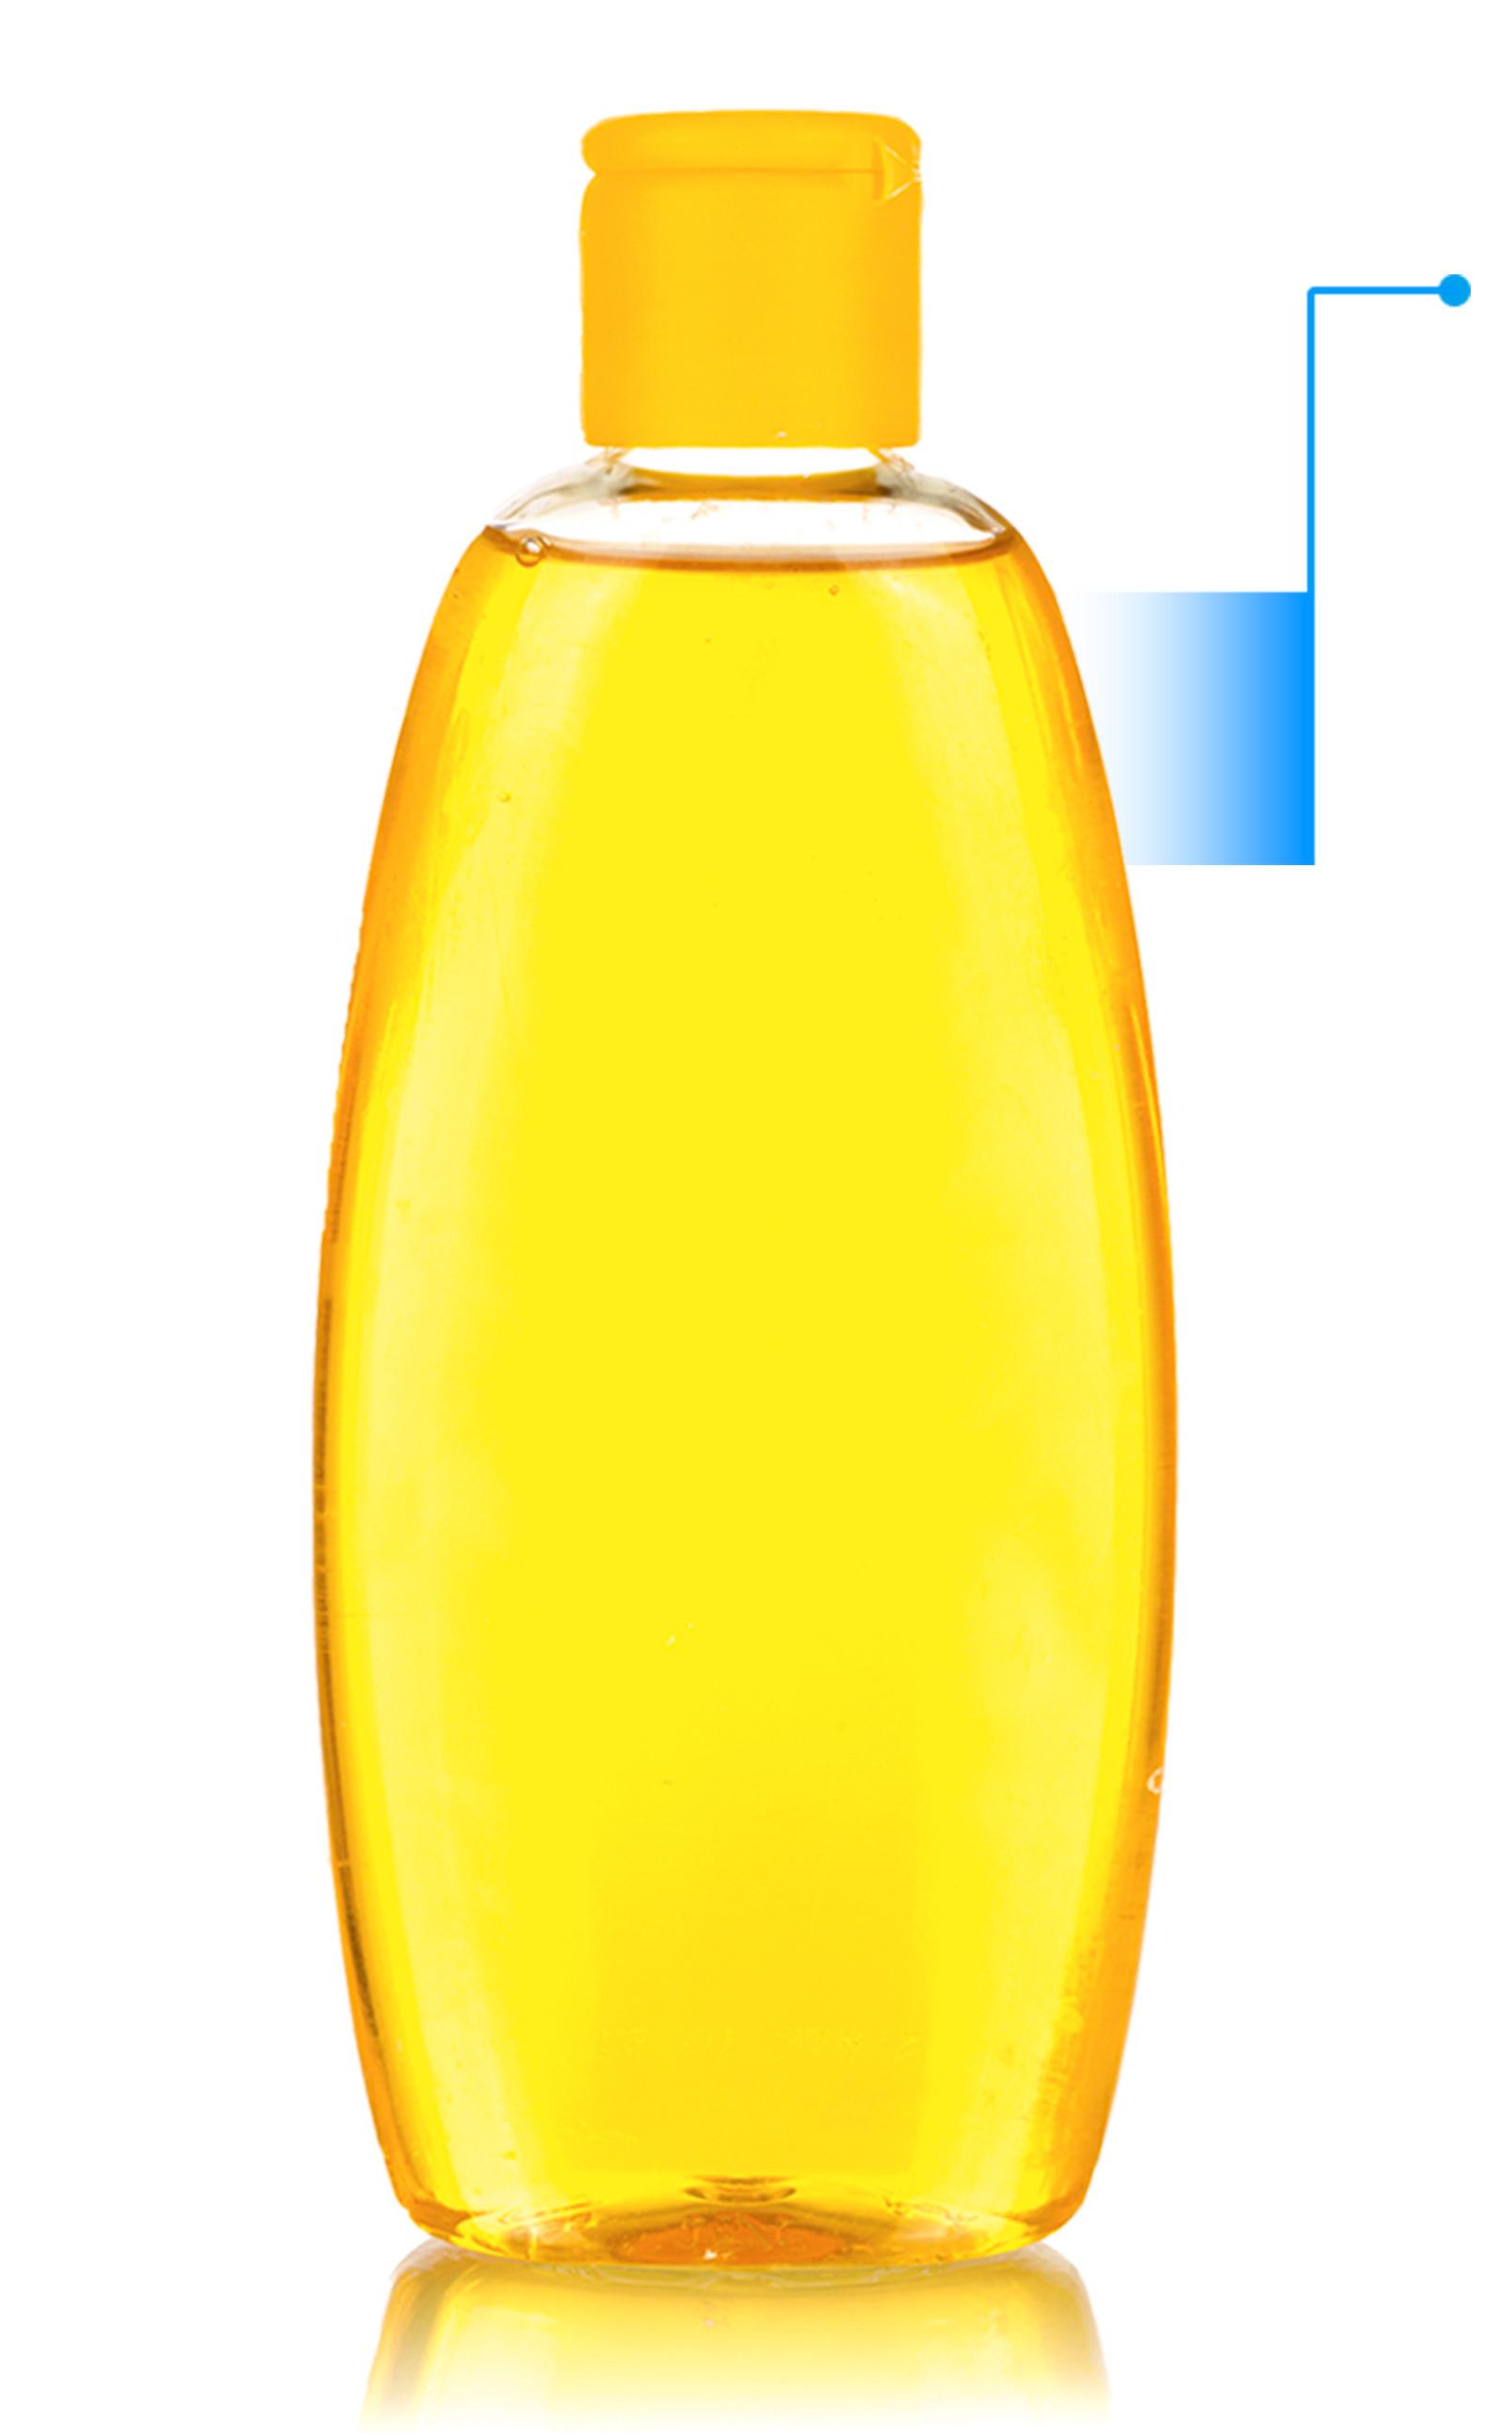 botella de producto para bebé con flecha hacia la derecha